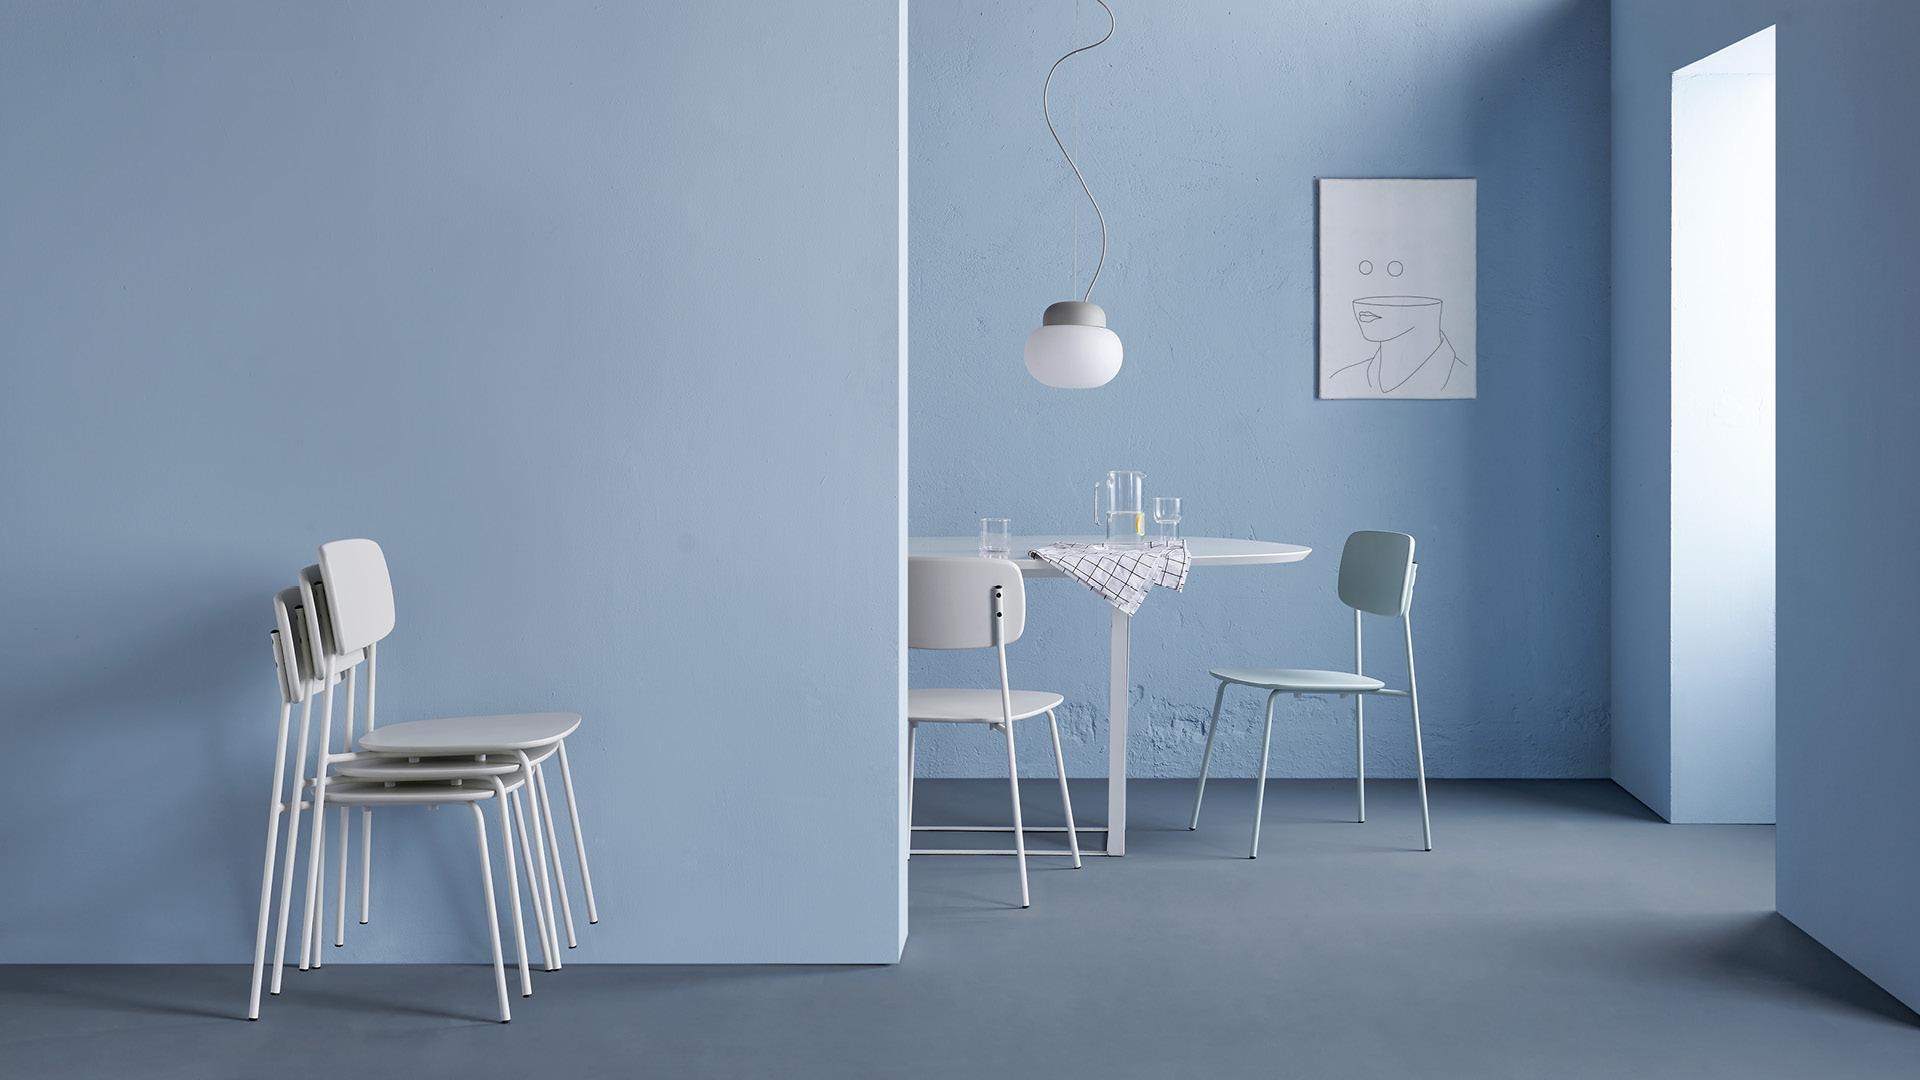 便捷收纳的轻盈小椅,为精致空间而生